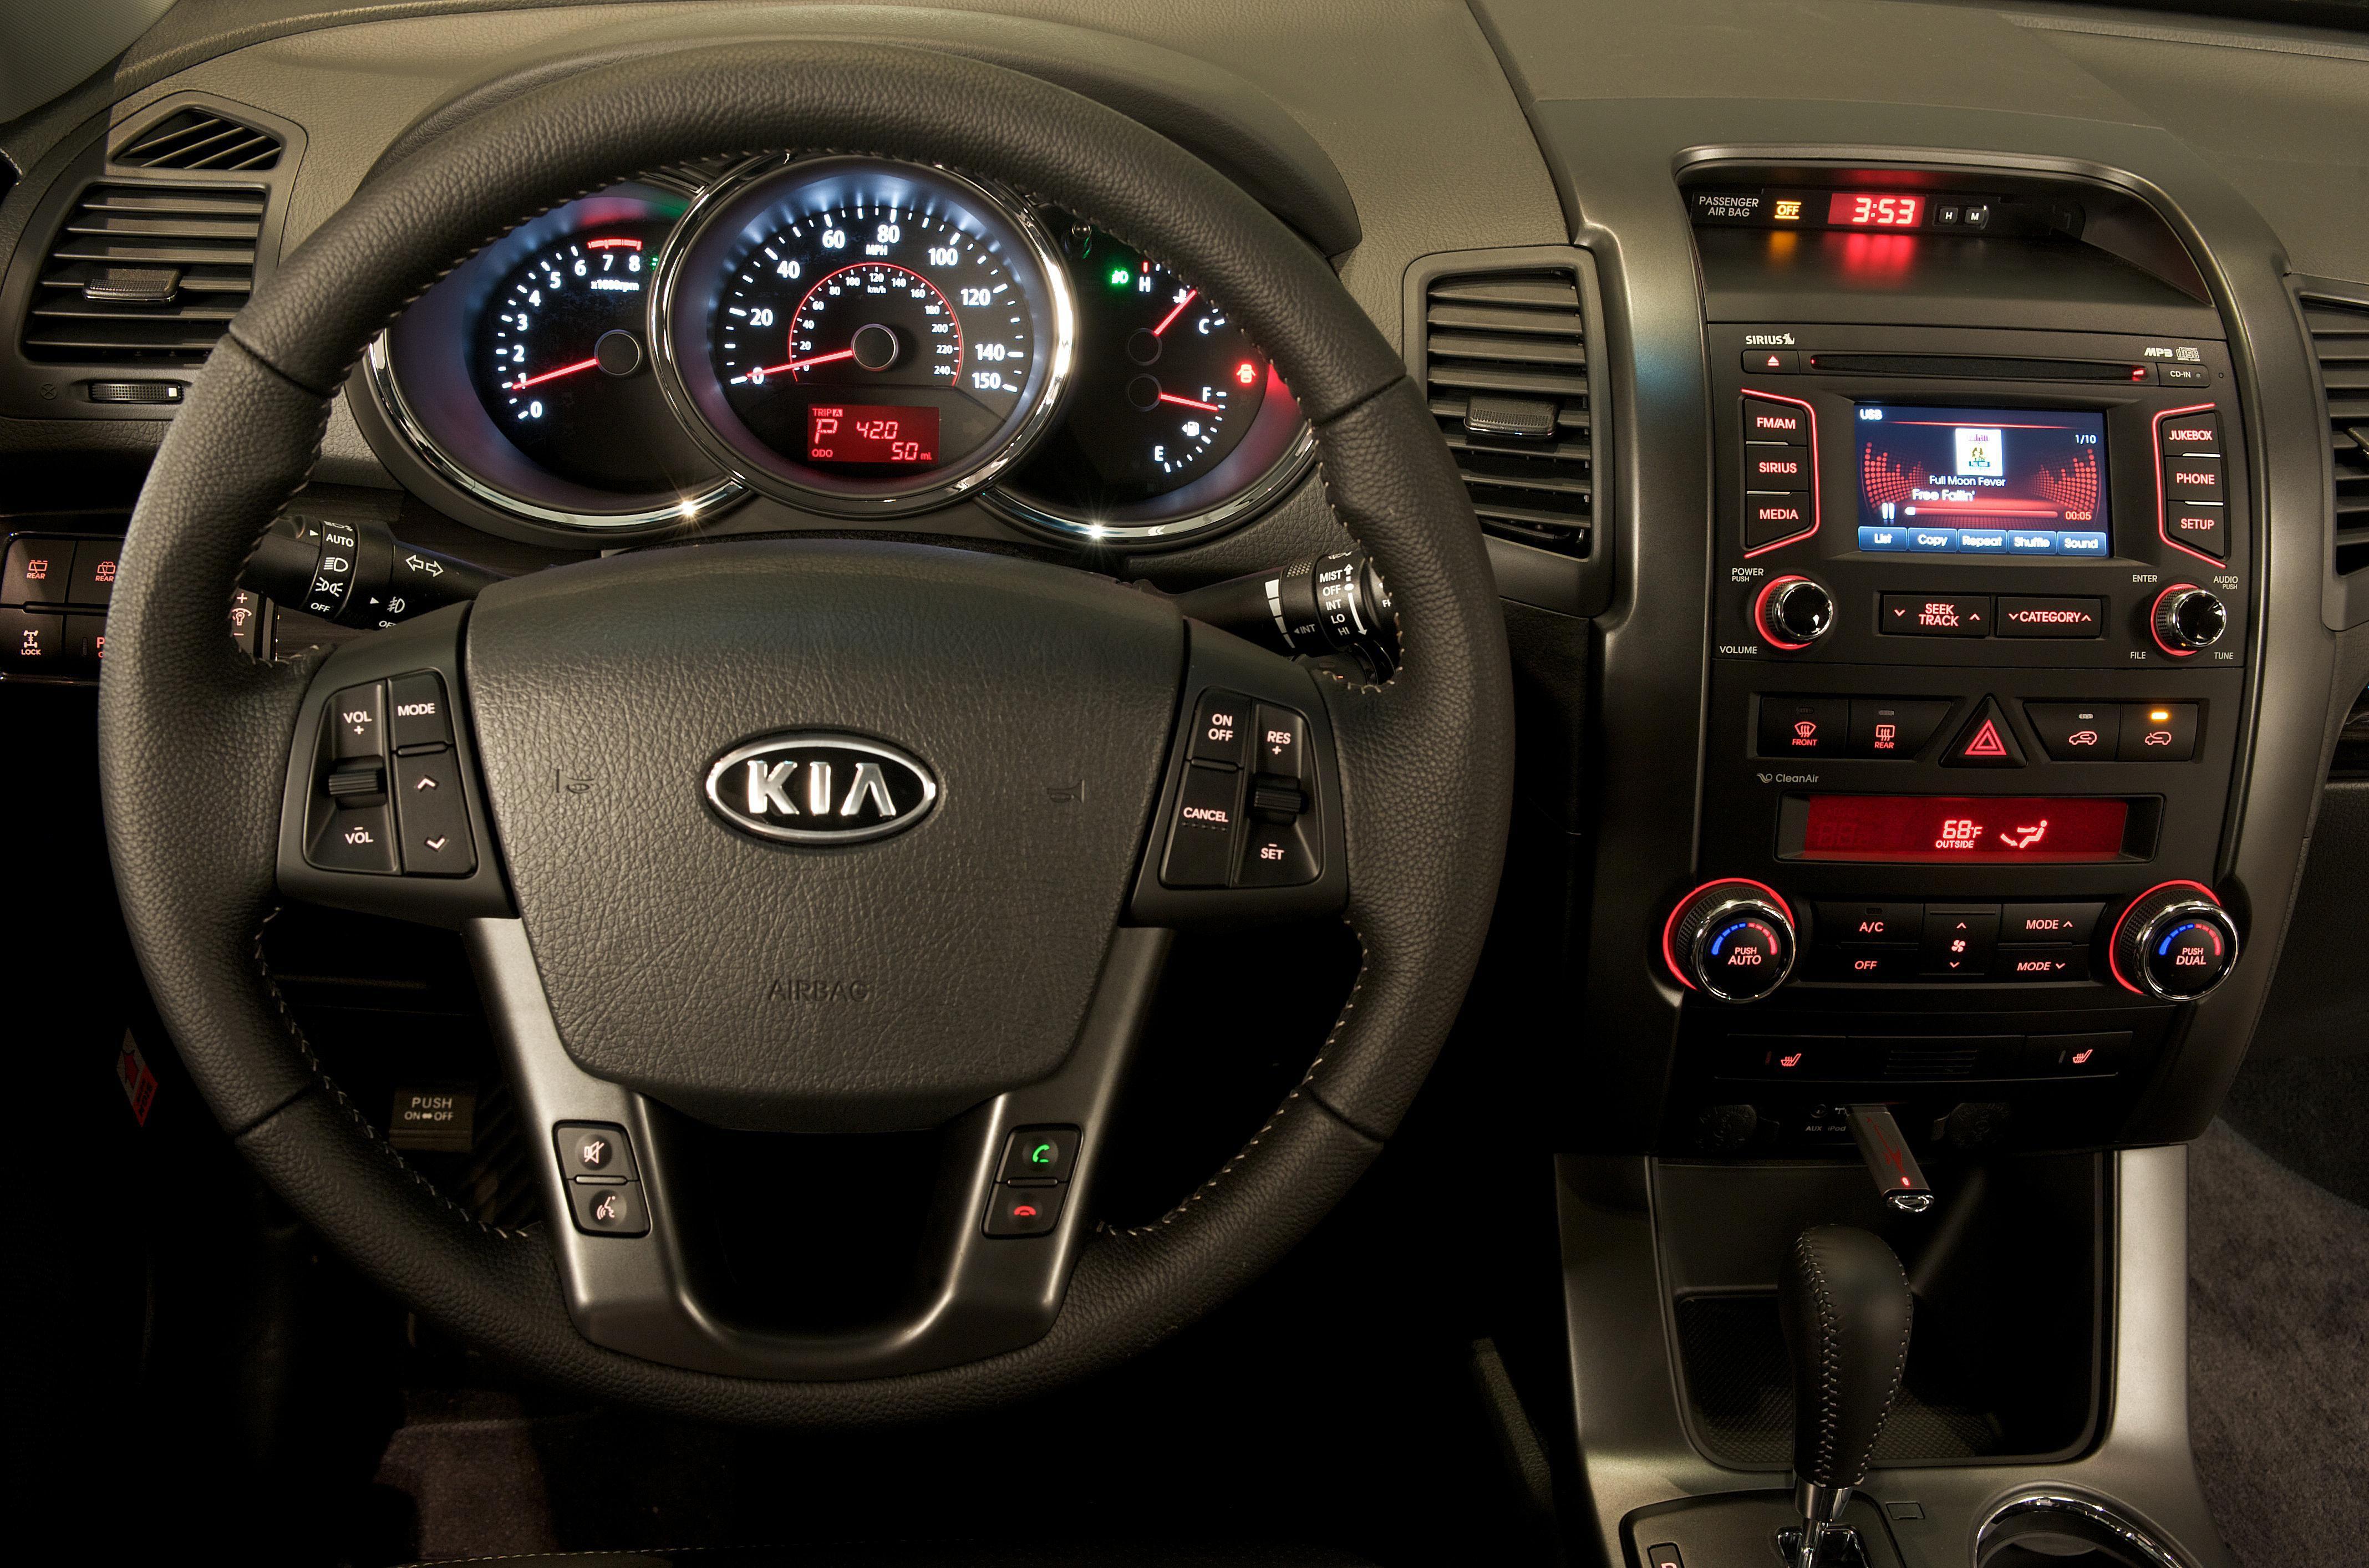 Kia Uvo Controls